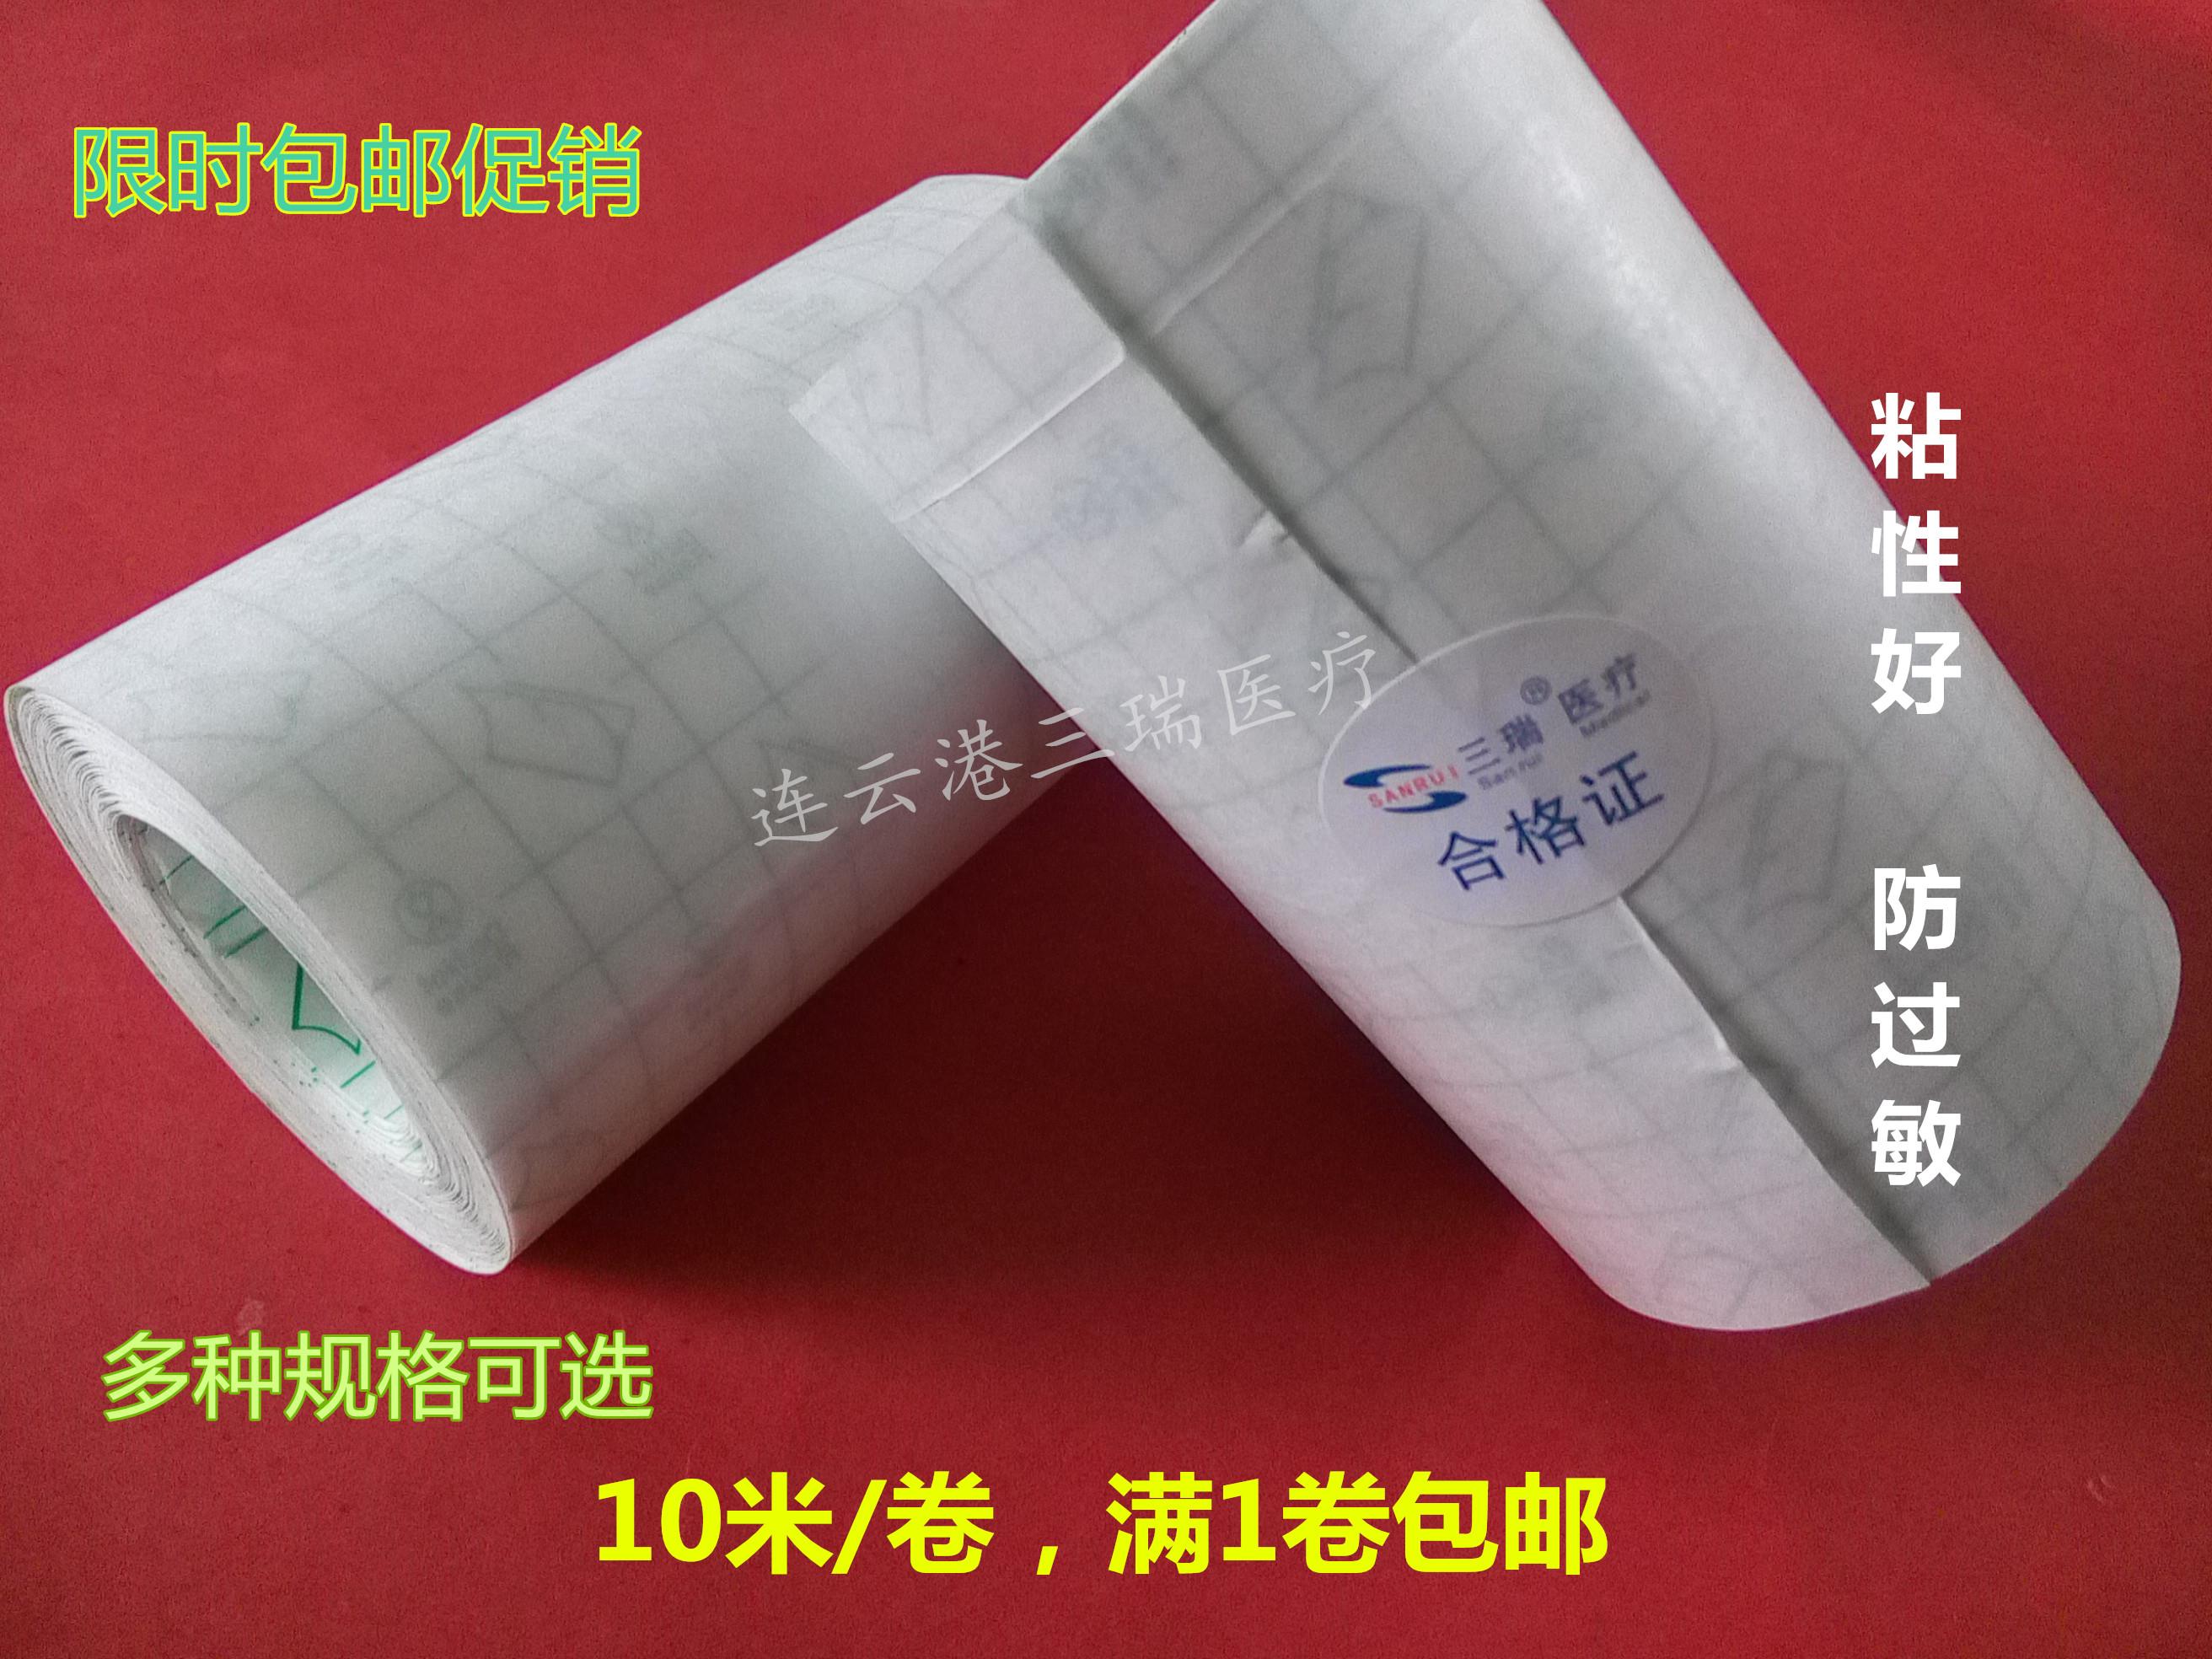 10 метров пакет mail кожзаменитель мембрана через кожа паста применять прорезиненный ткань прозрачный фольга воздухопроницаемый водонепроницаемый три вольт паста липкость хорошо защита от аллергии